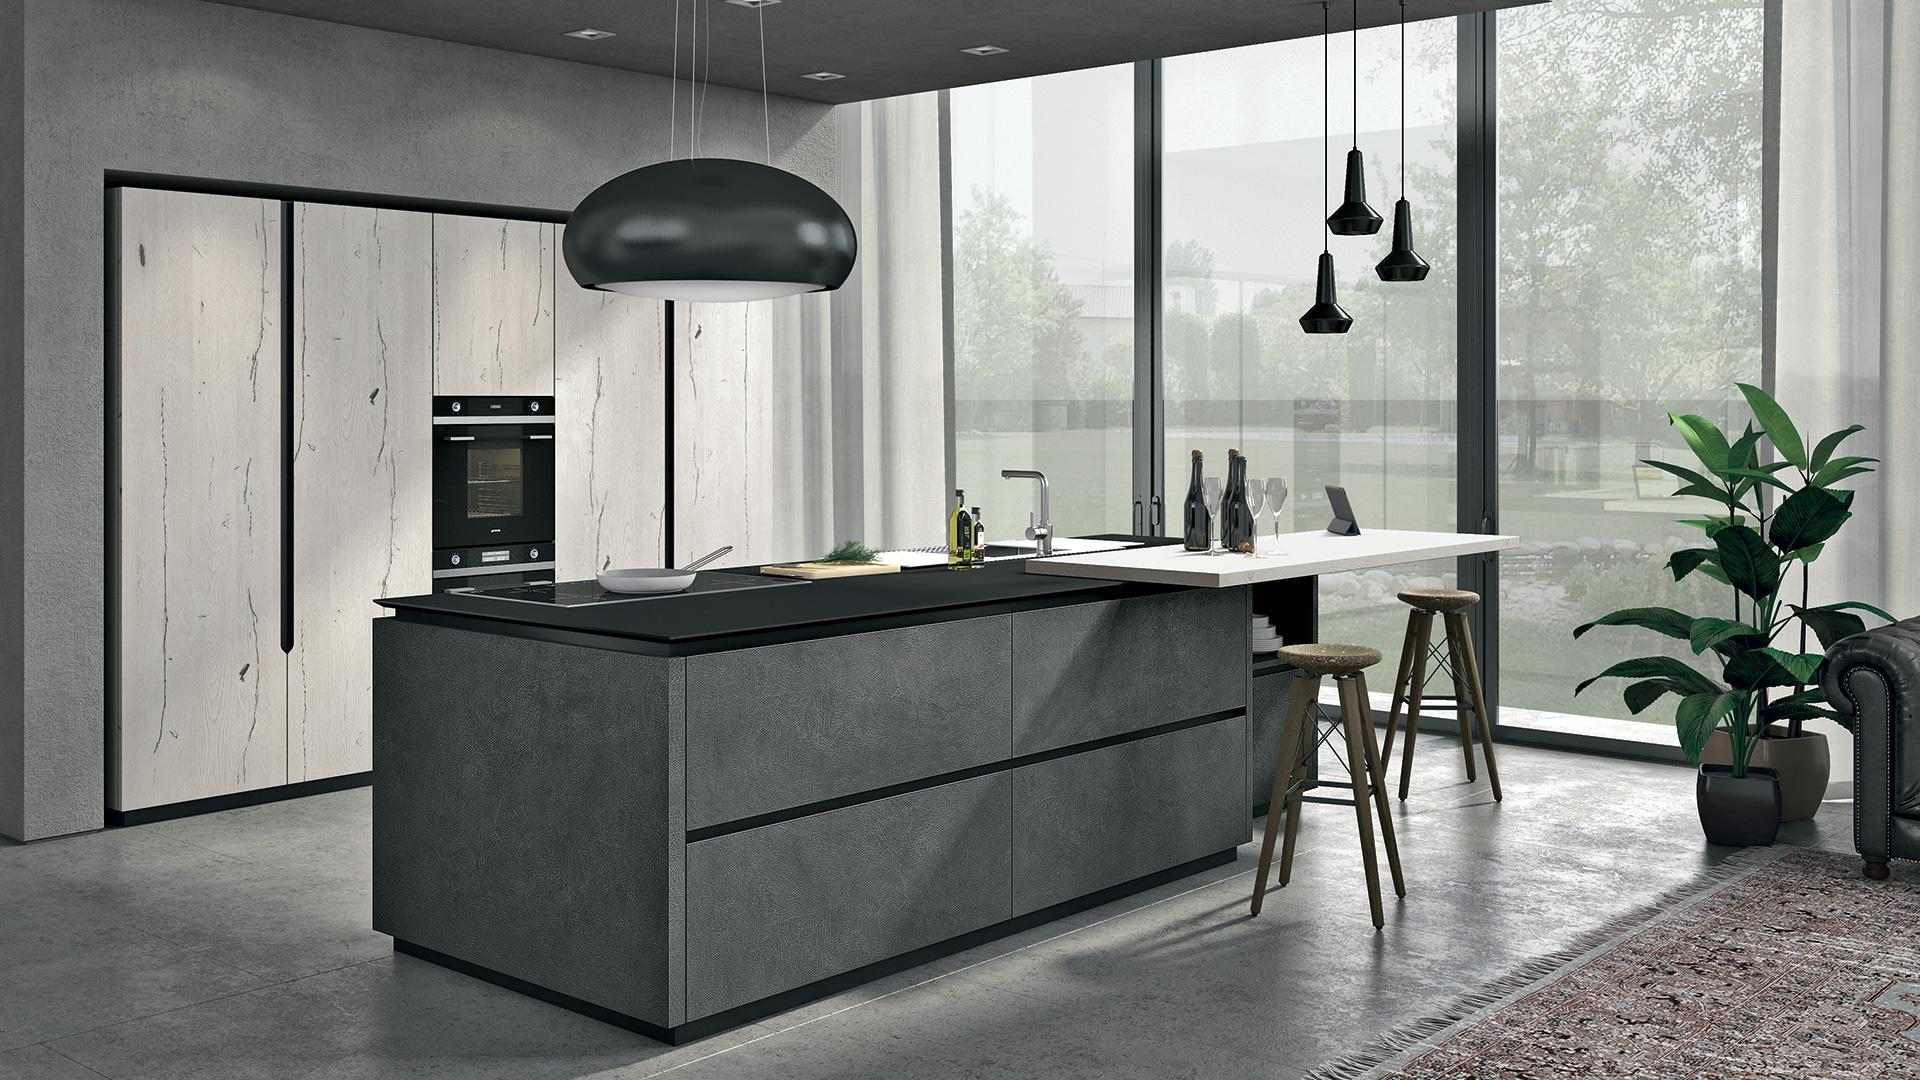 Cucine Moderne Con Isola Lube.Oltre Lube Cucine Punto Arredo